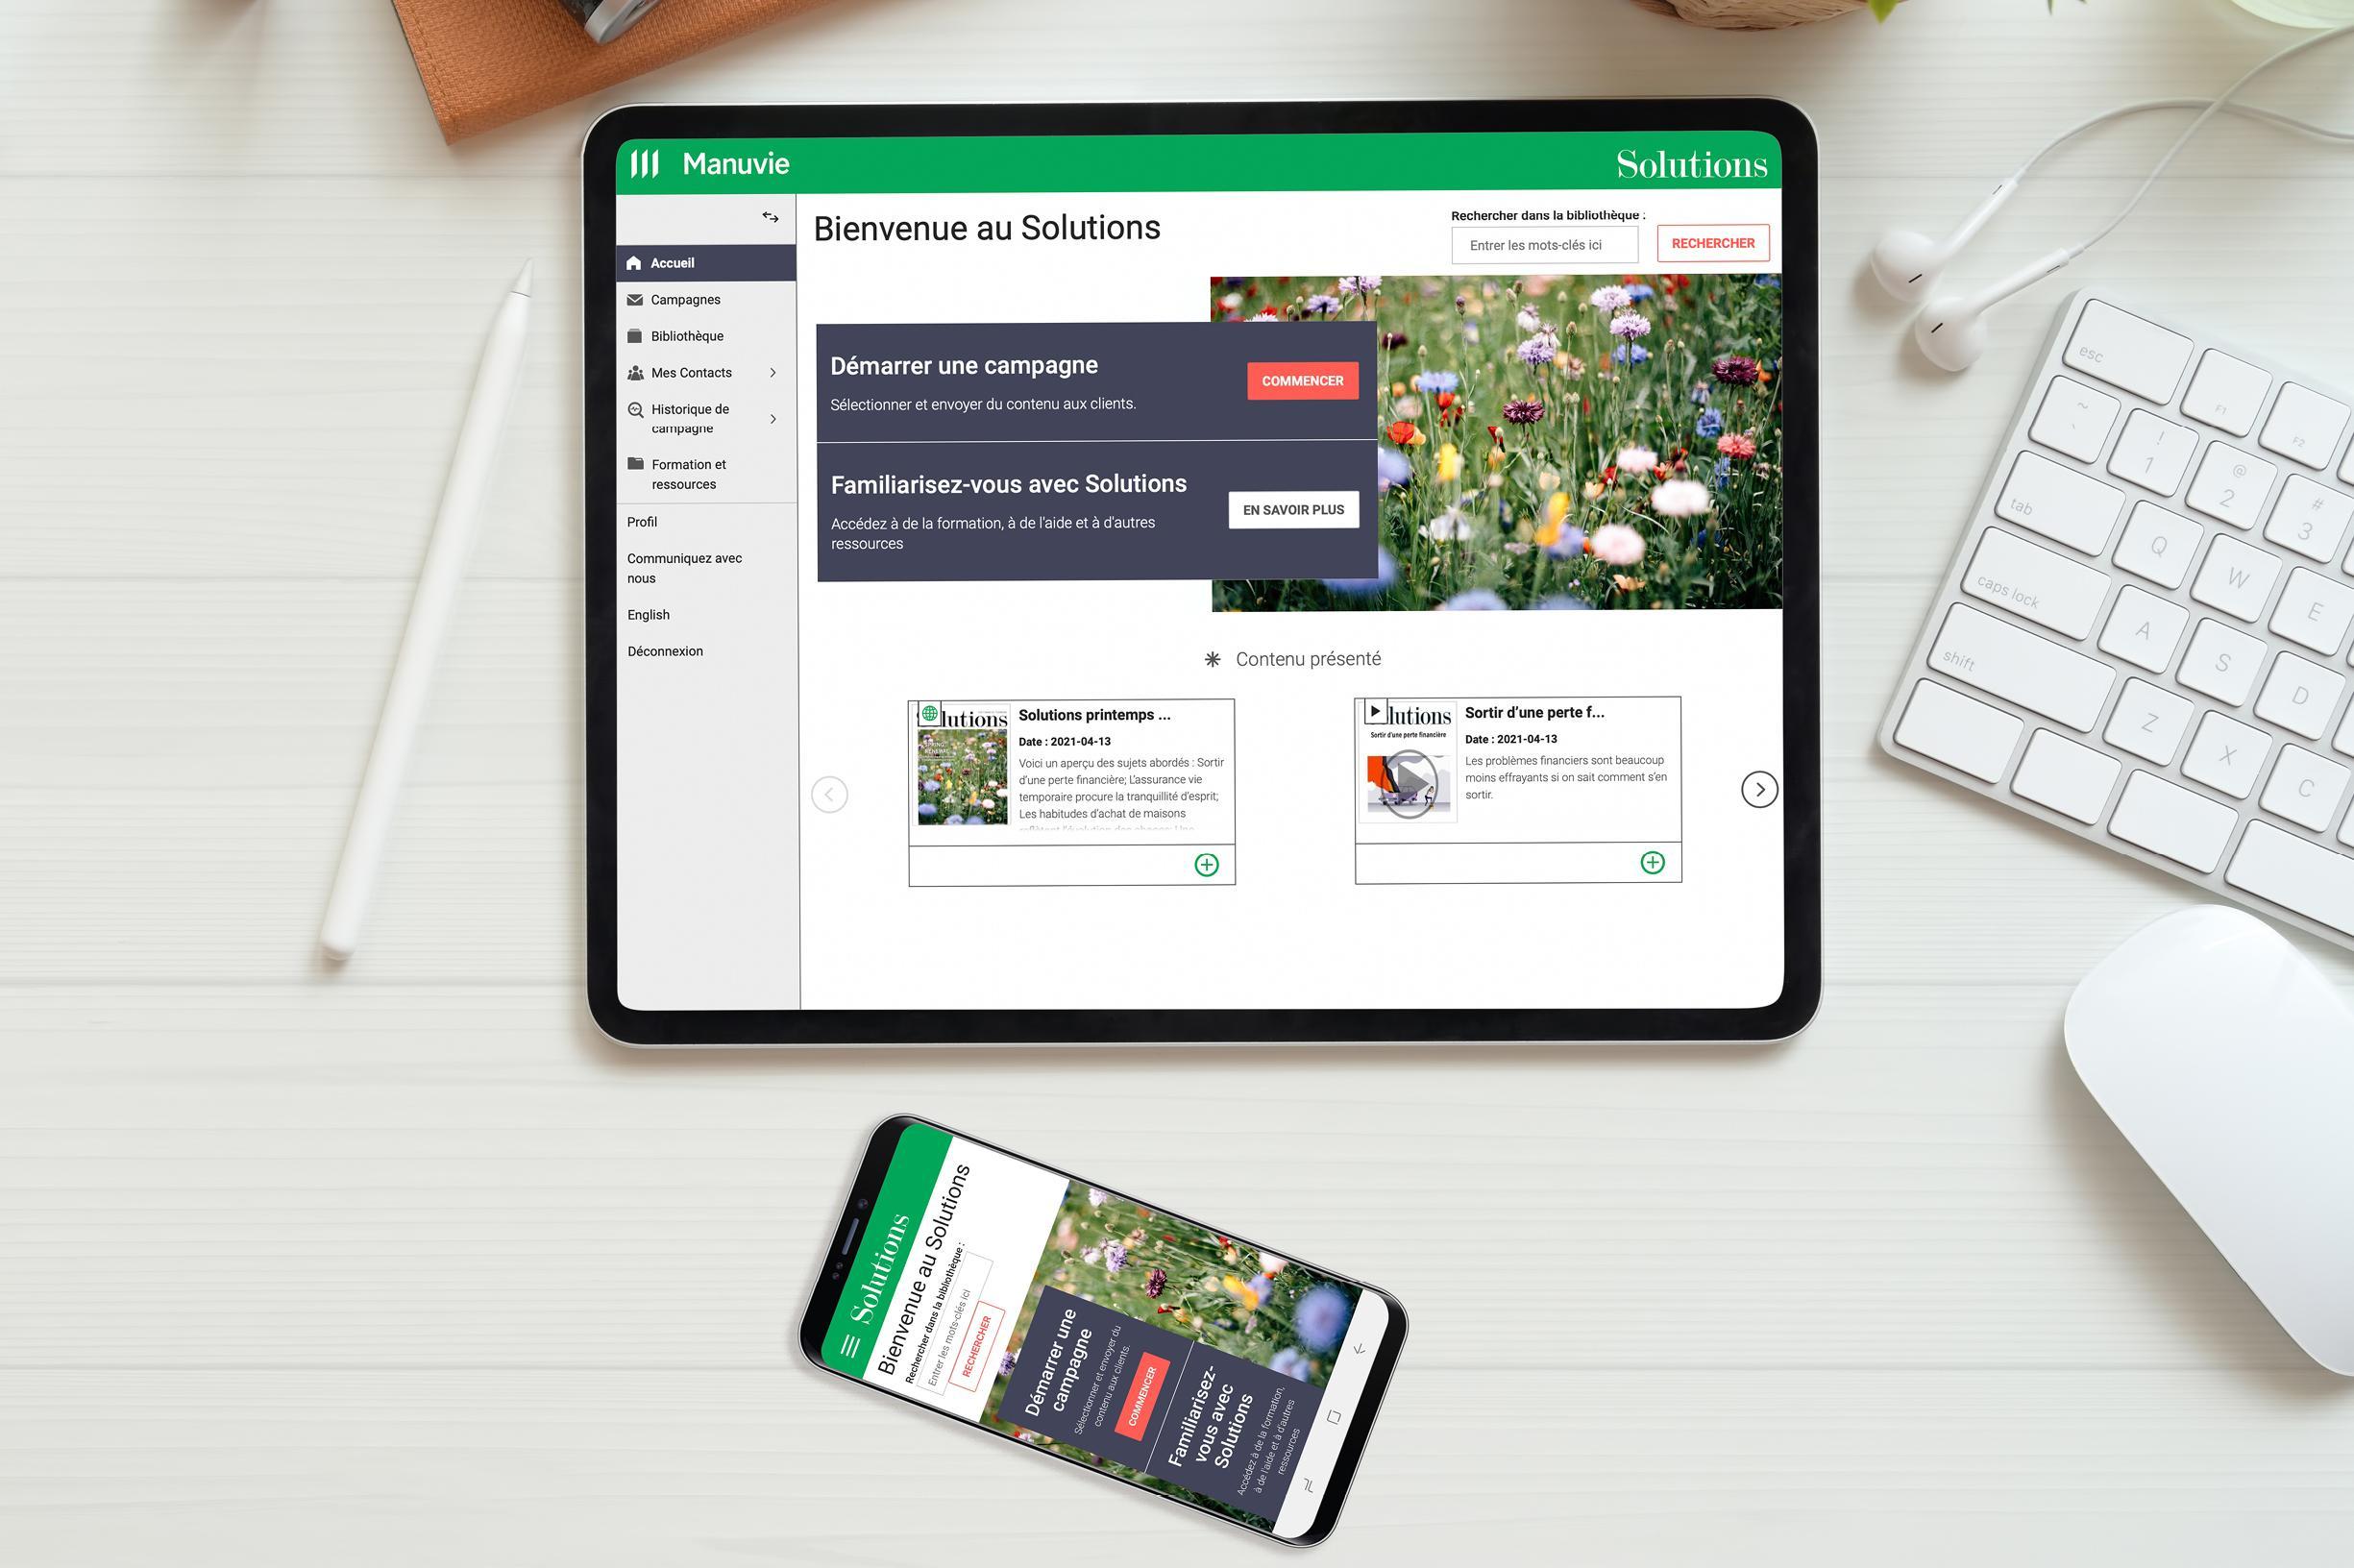 L'intérêt d'établir des liens avec les clients  Thumbnail